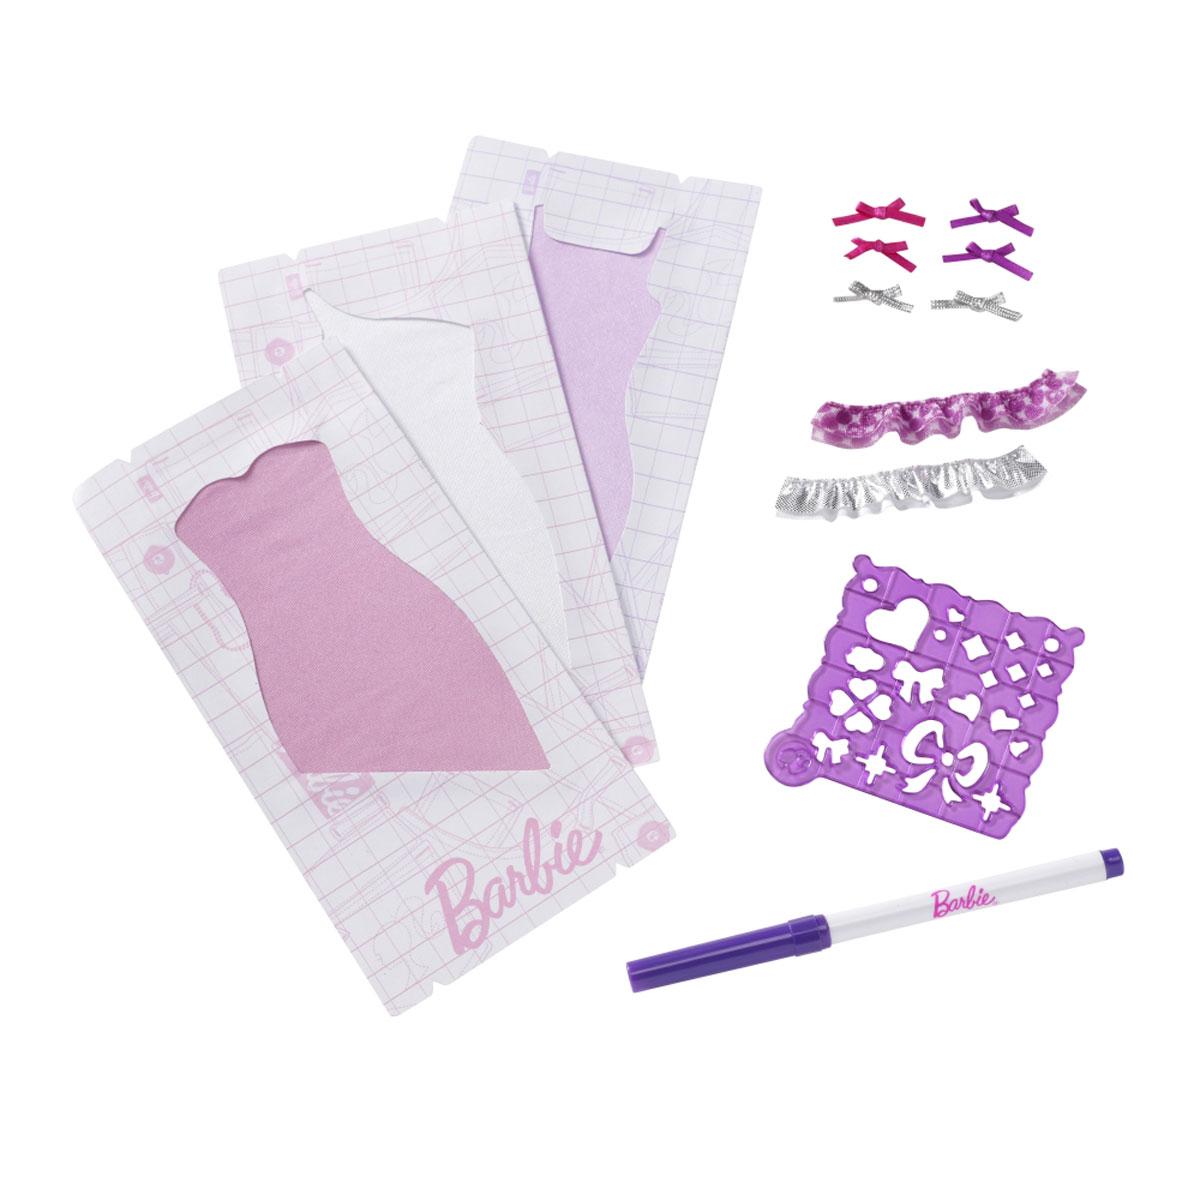 Barbie Одежда для кукол Модная дизайн-студия цвет платьев фиолетовый белый розовыйW3914-3915Дополнительный набор для кукол Barbie Модная дизайн-студия станет отличным подарком для девочек, которые мечтают о карьере модельера. Сделать своими руками платья легко и просто, ведь для этого не нужны нитки и иголки. Набор включает в себя три платья розового, сиреневого и белого цветов, трафарет, фломастер, а также оборки и бантики для создания неповторимых дизайнов платьев. С этим дополнительным набором ваша малышка самостоятельно оденет свою любимицу и с удовольствием будет играть с ней, придумывая различные истории и устраивая модные показы. Кукла в комплект не входит.